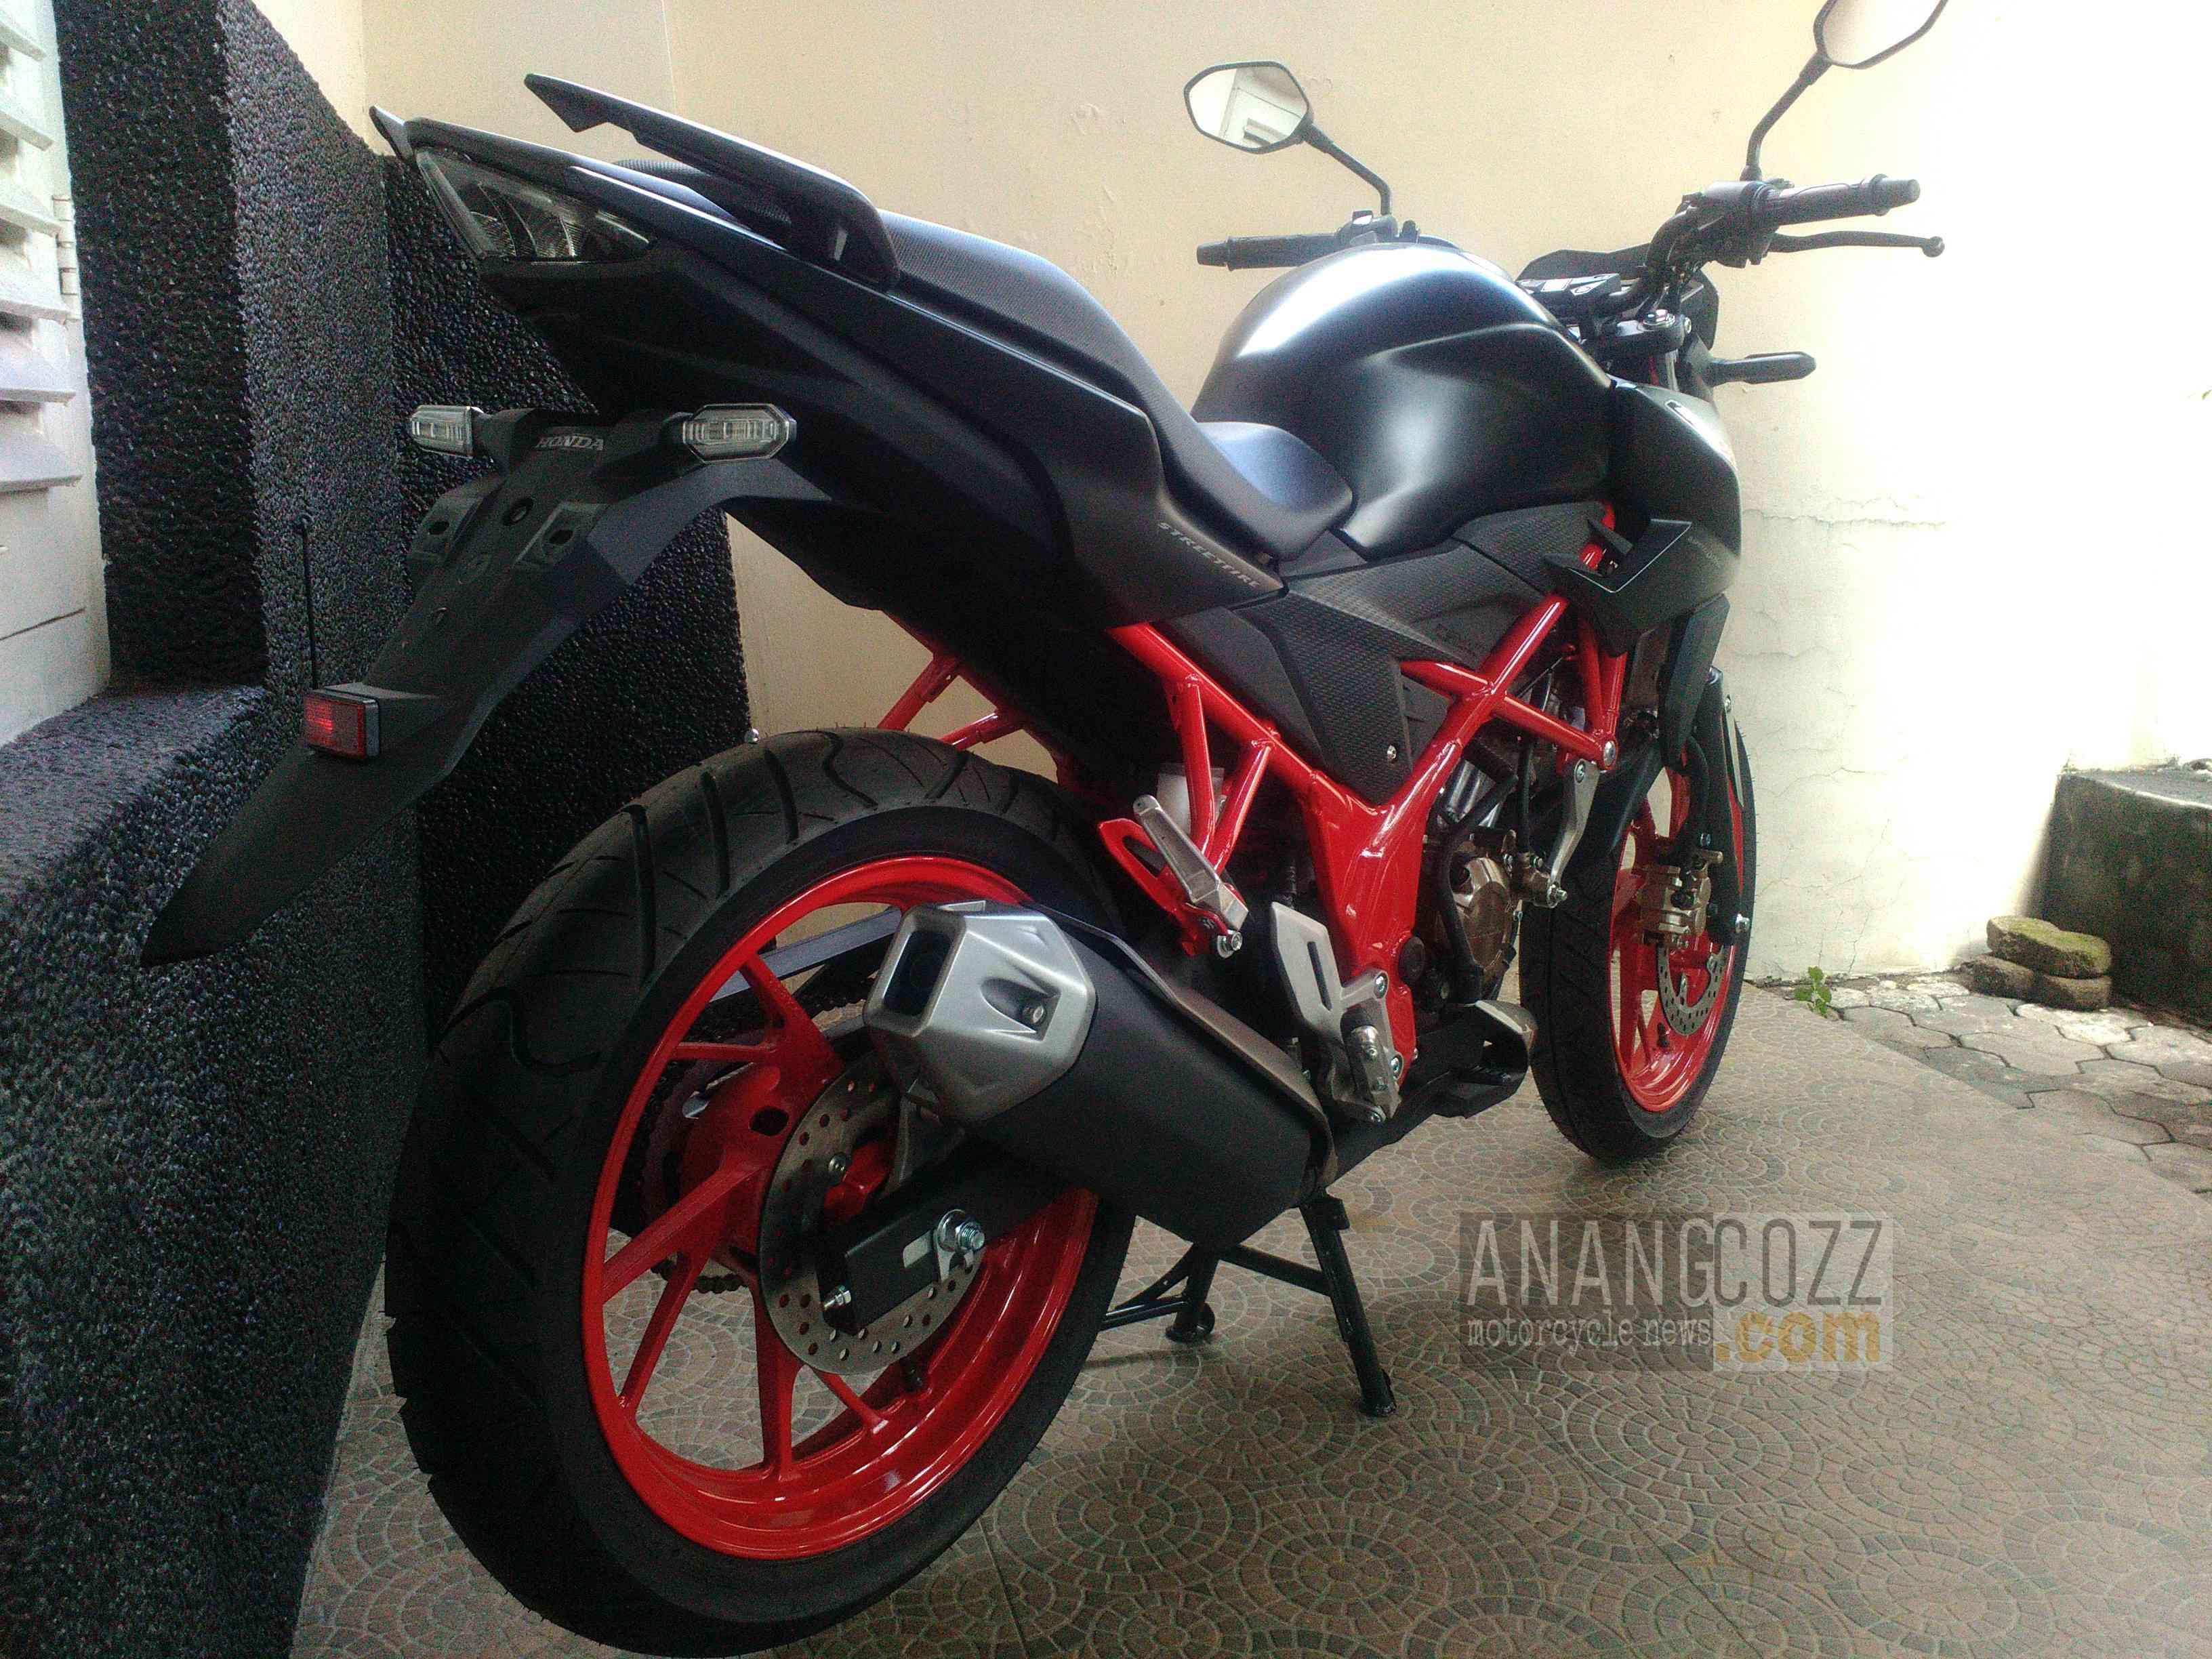 103 Modifikasi Motor Cb 150 R Warna Merah Modifikasi Motor Honda